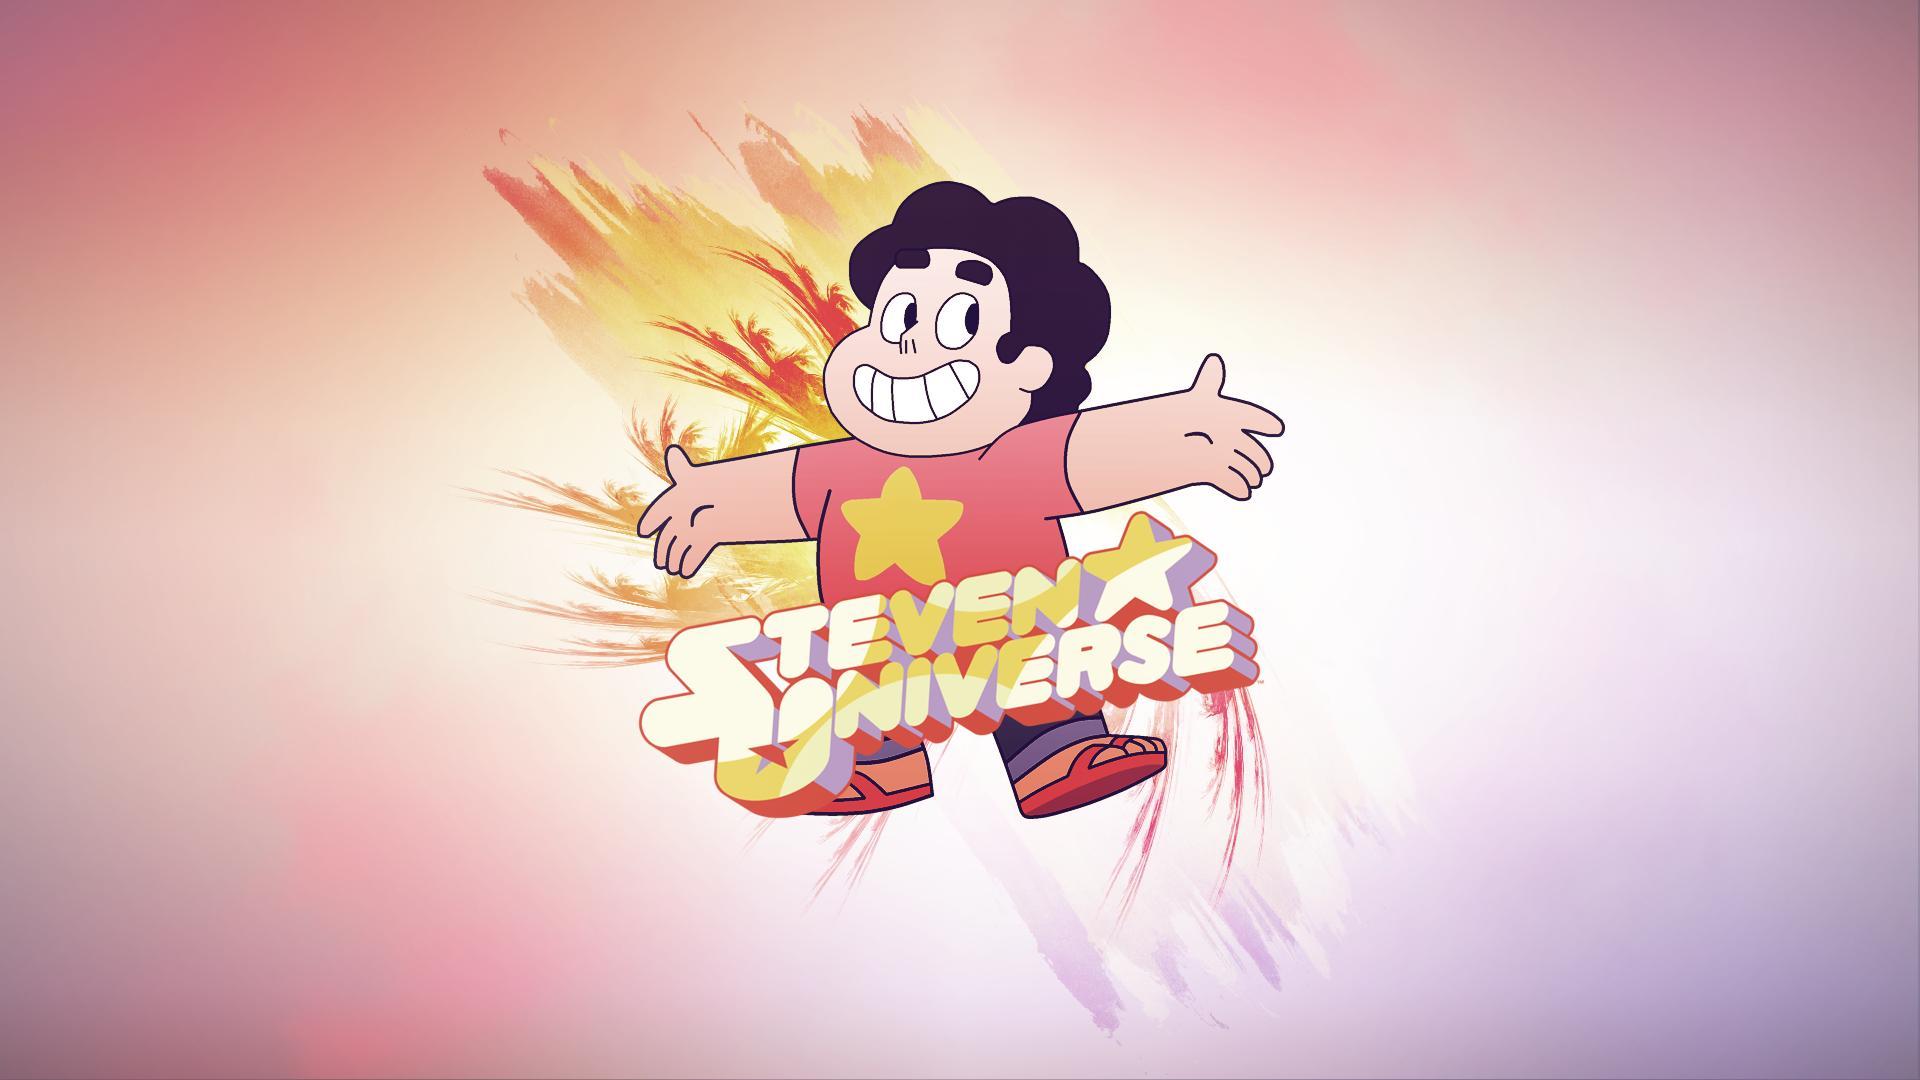 Steven wallpaper.